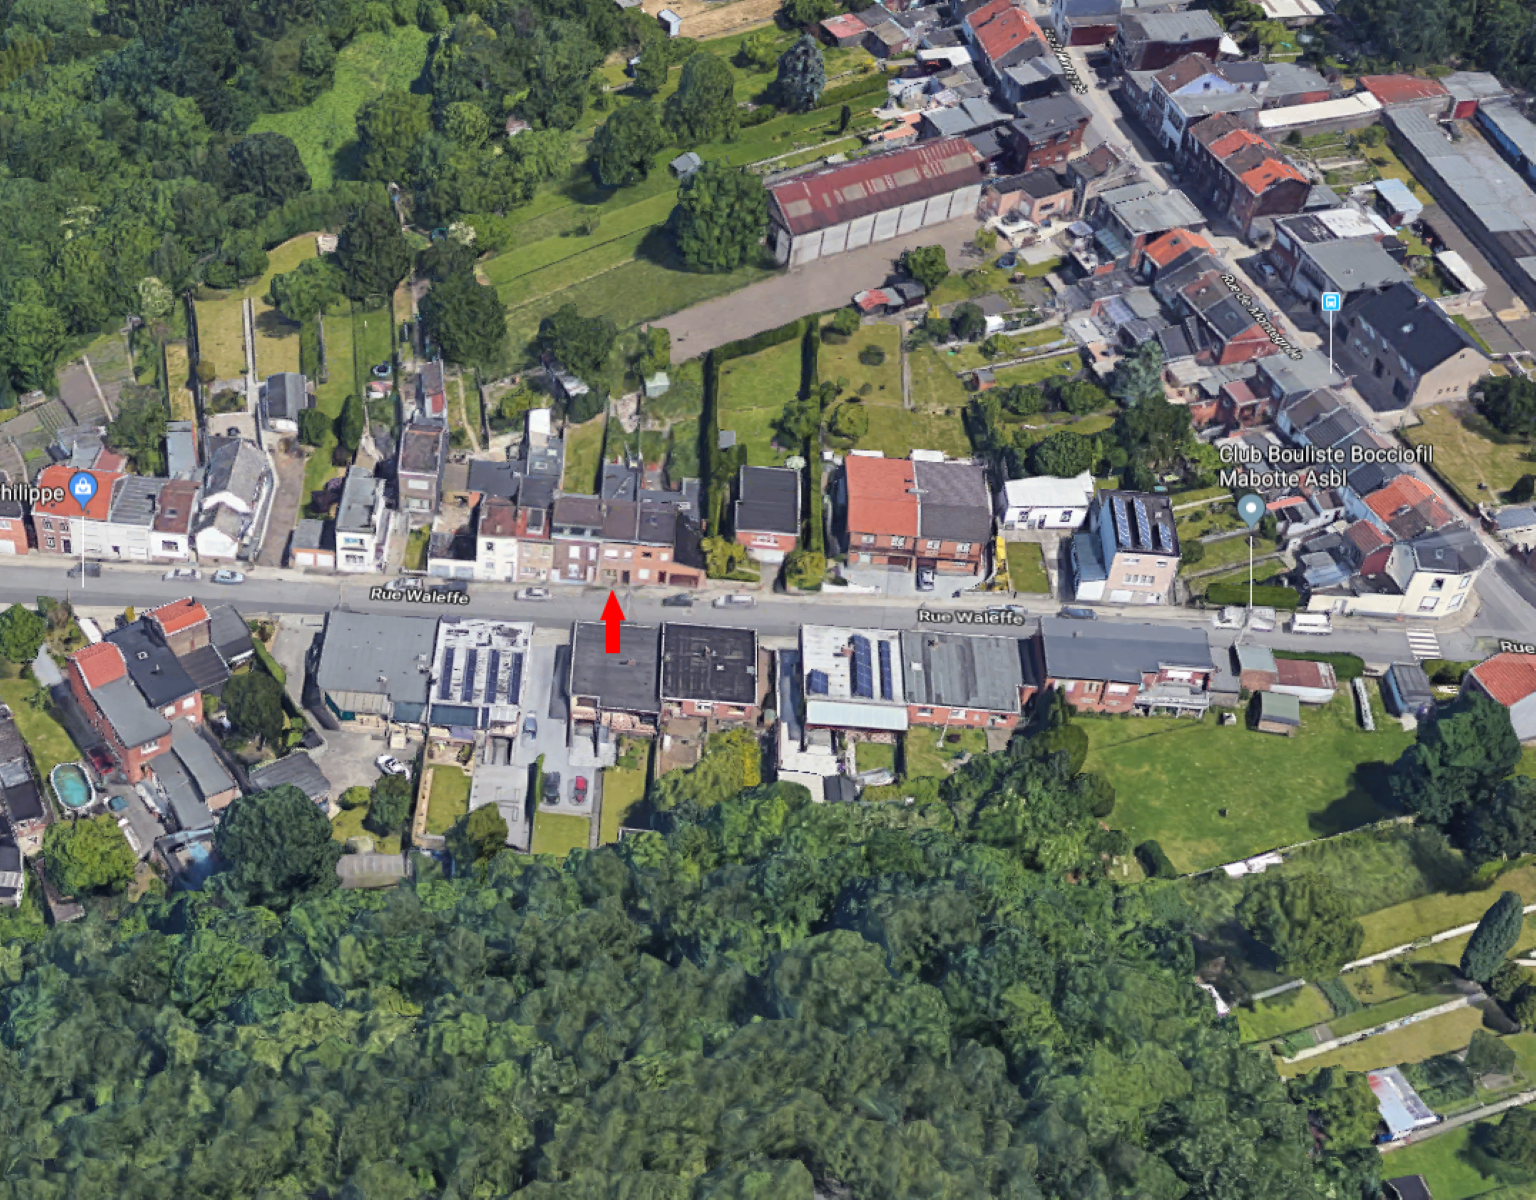 Maison - Seraing Jemeppe-sur-Meuse - #3615686-20